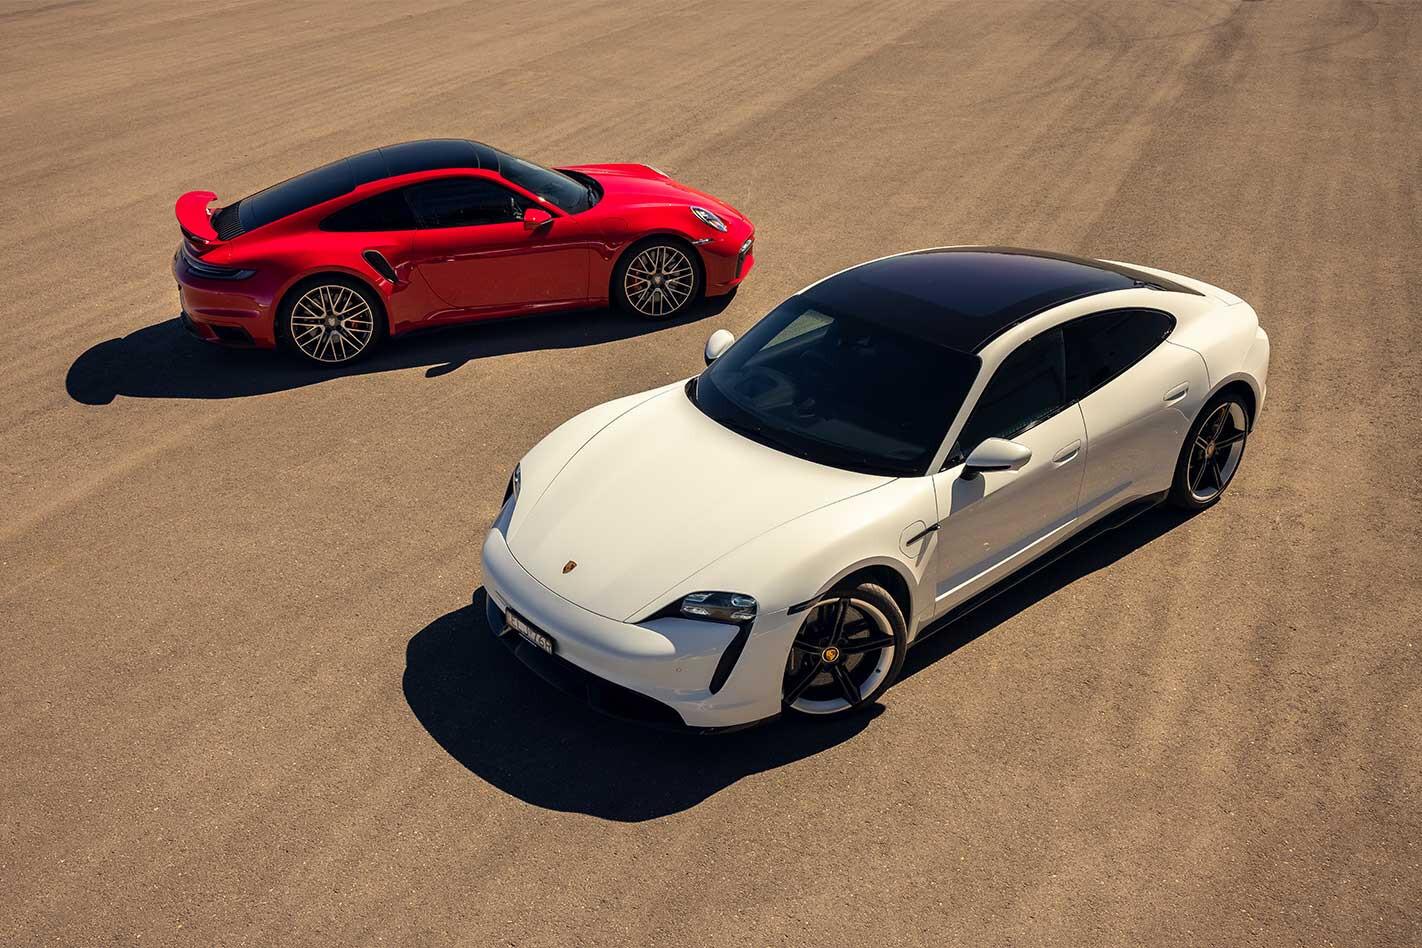 Porsche 911 Turbo vs Porsche Taycan Turbo S